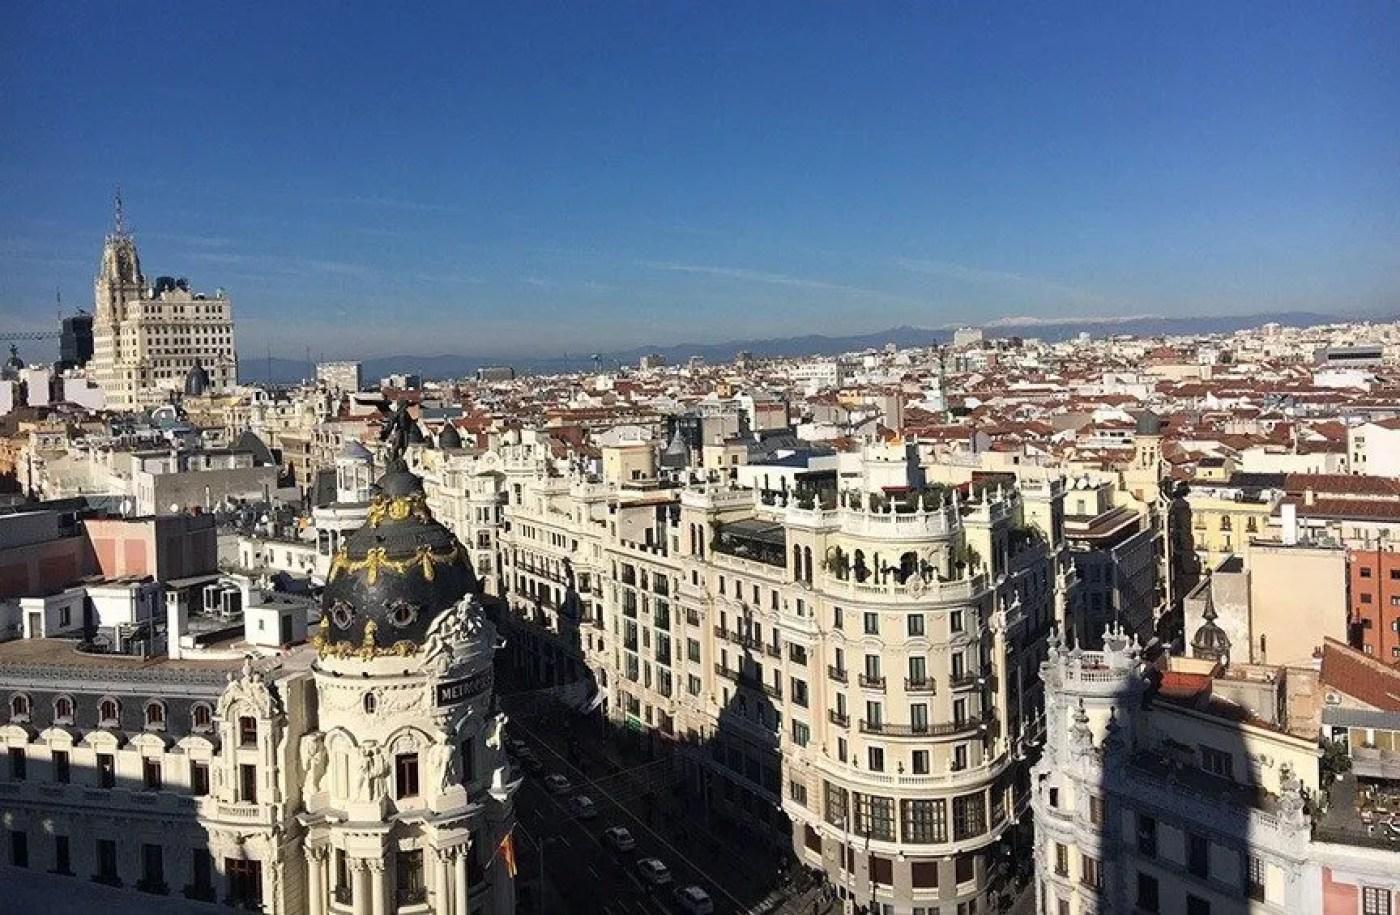 view from the top of circulo de bellas artes